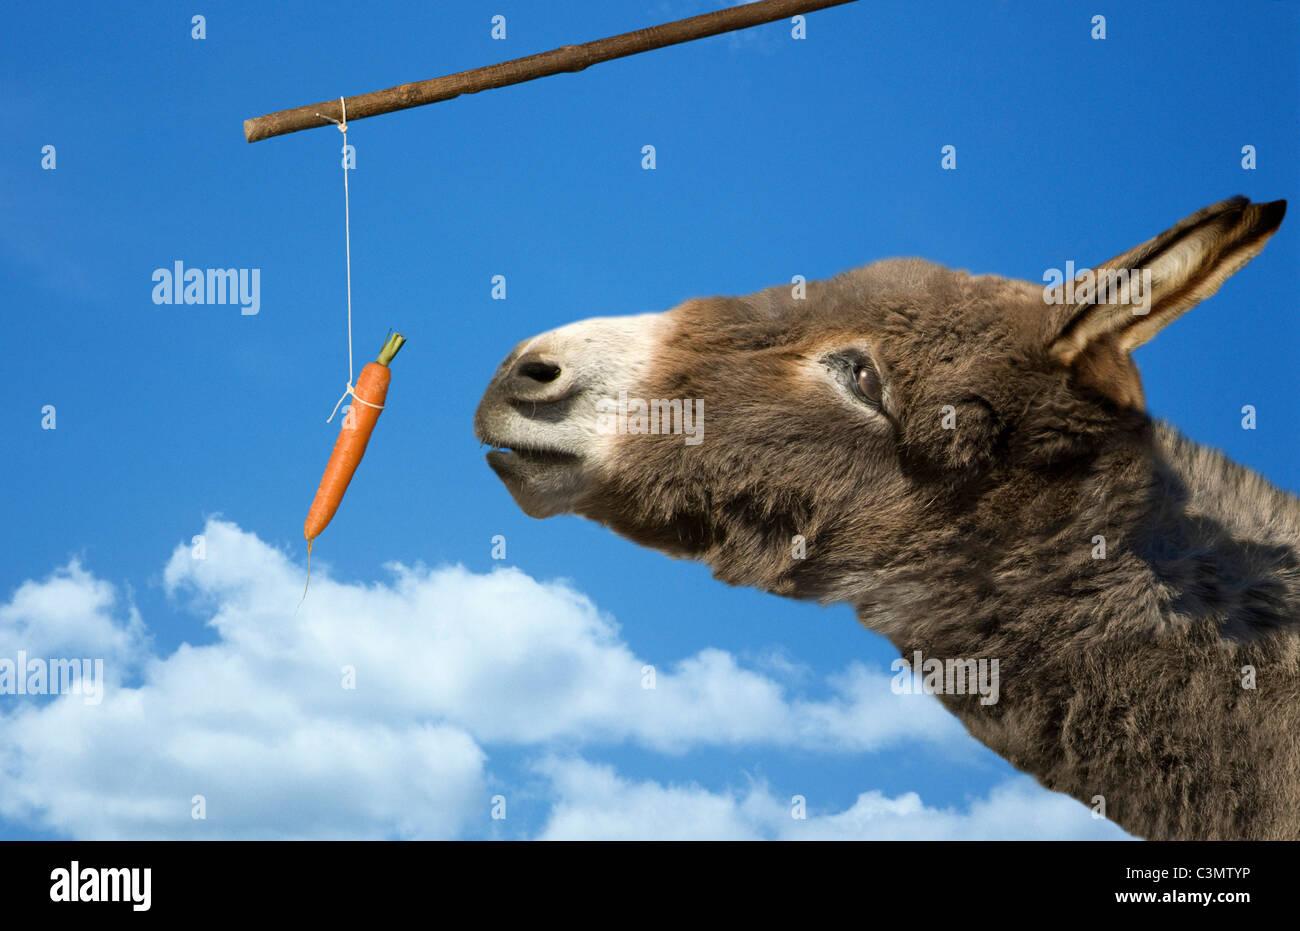 El Burro Y La Zanahoria Fotografia De Stock Alamy El gif animado de zanahoria burro ups perfecto para tus conversaciones. https www alamy es foto el burro y la zanahoria 36723338 html